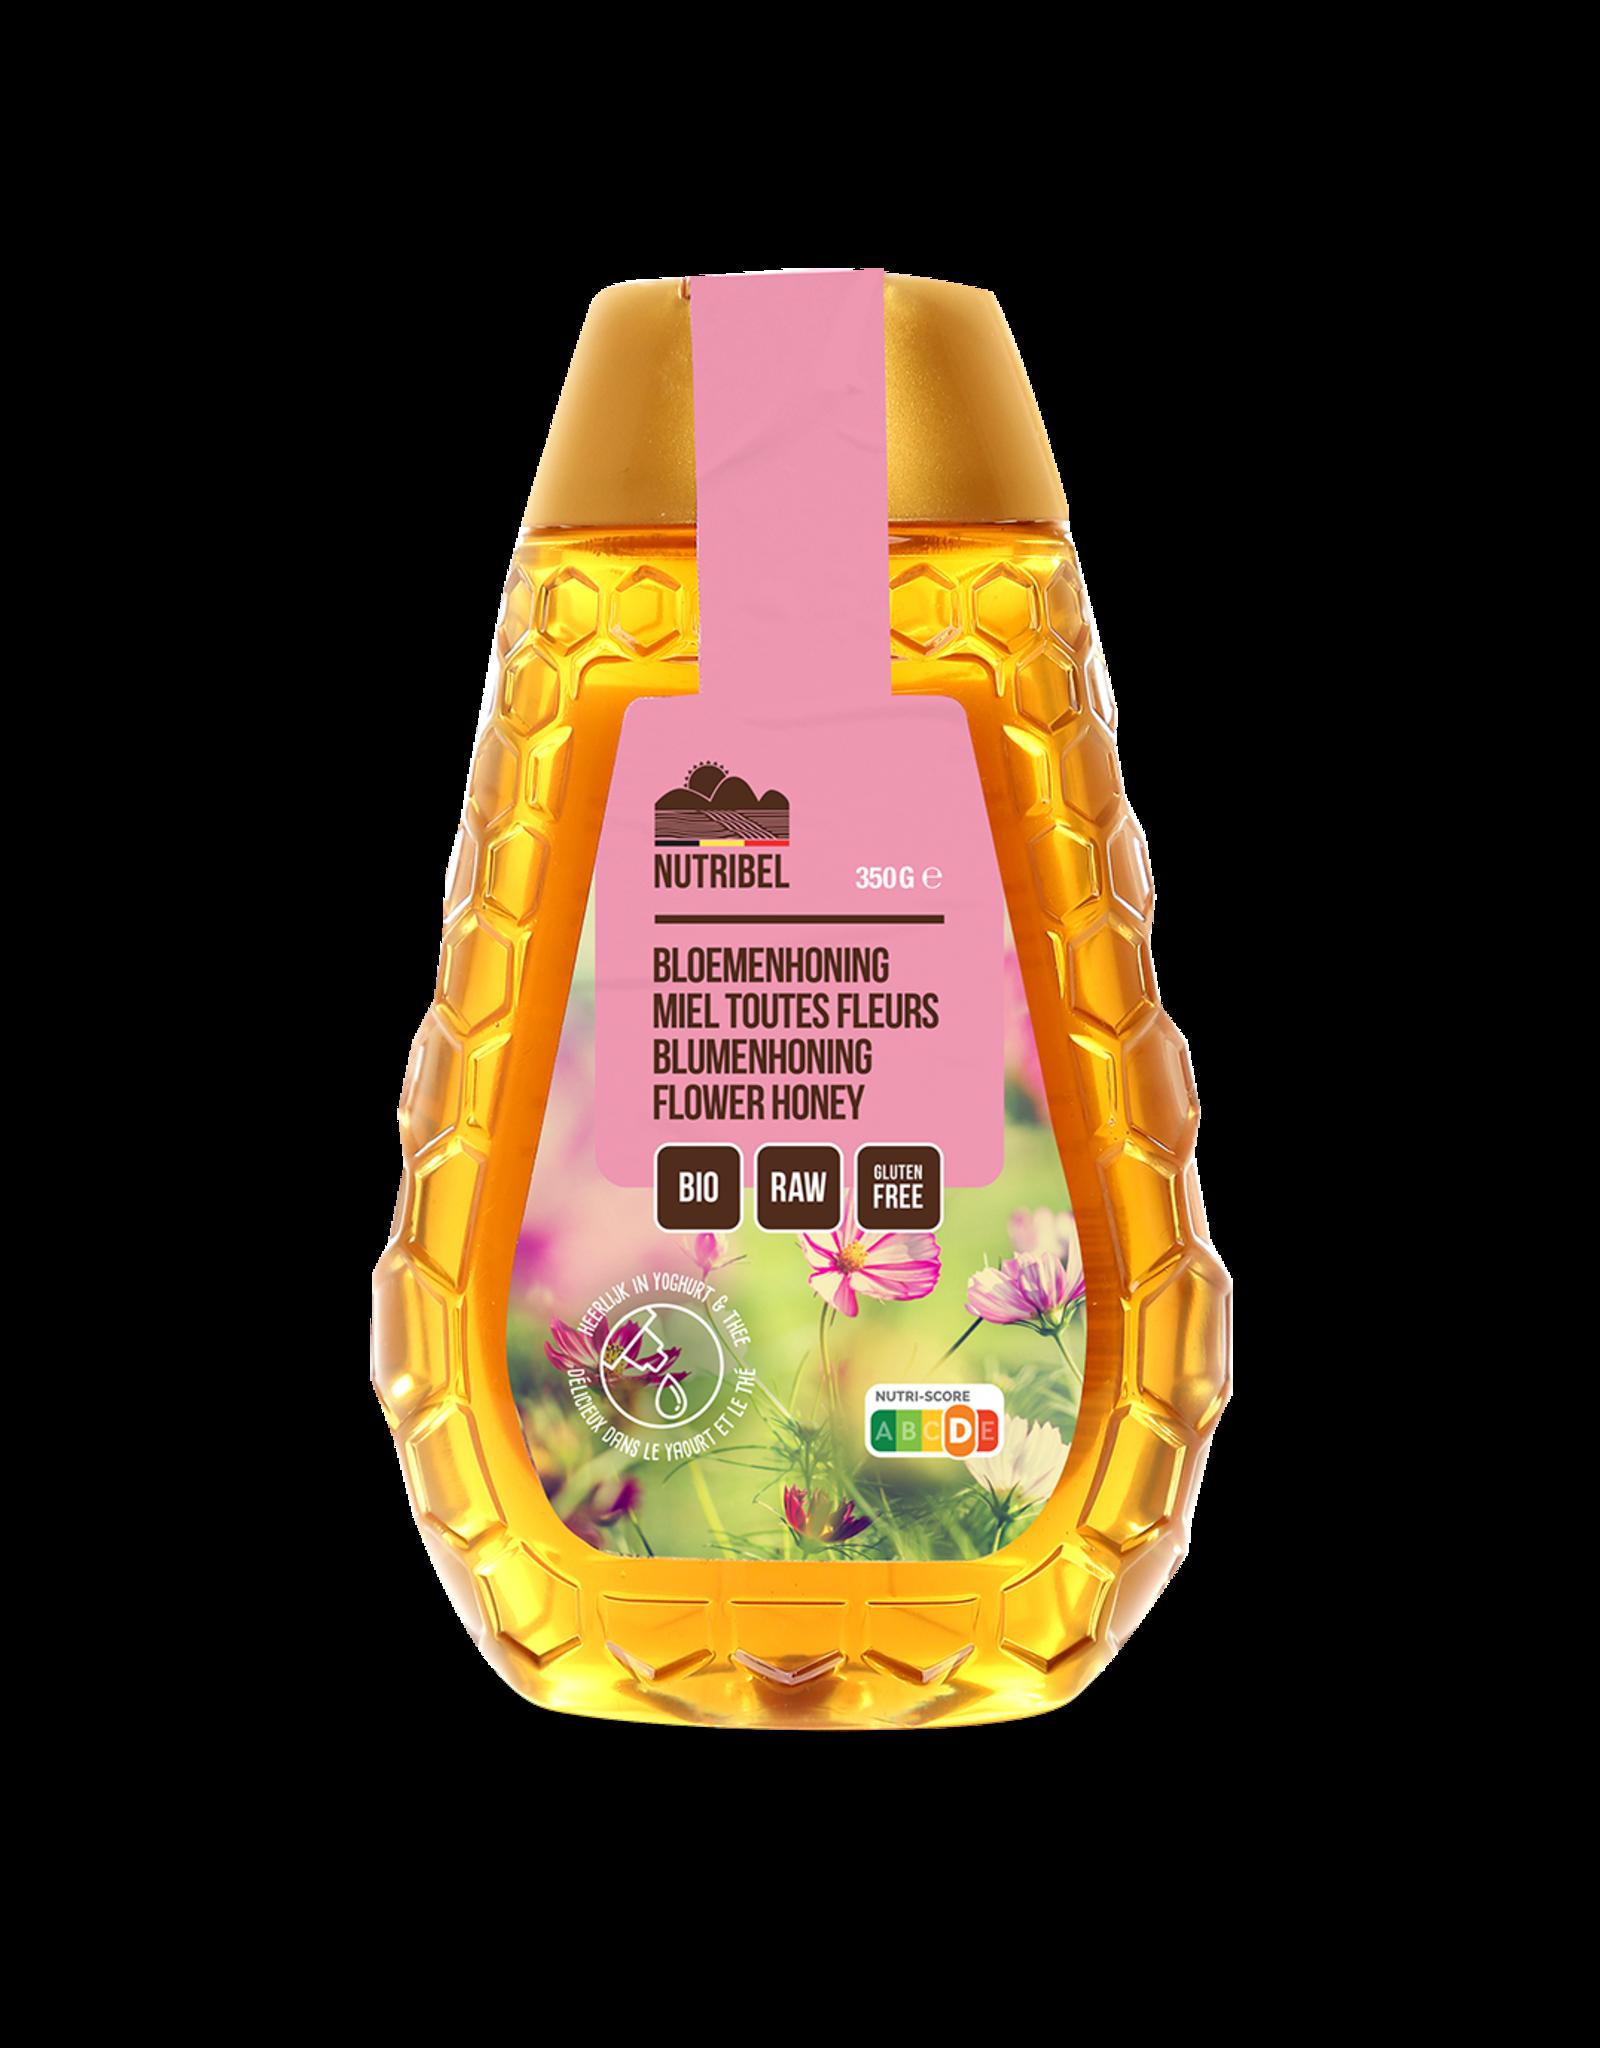 Nutribel Miel de fleurs bio 350g